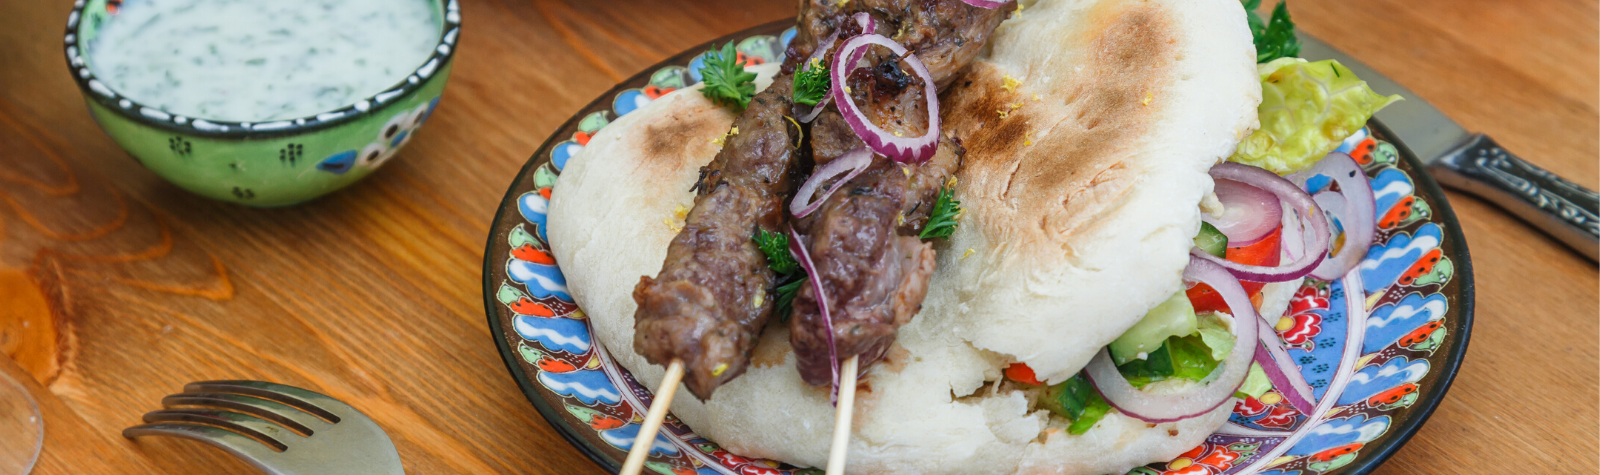 Greek Style Lamb Kebabs